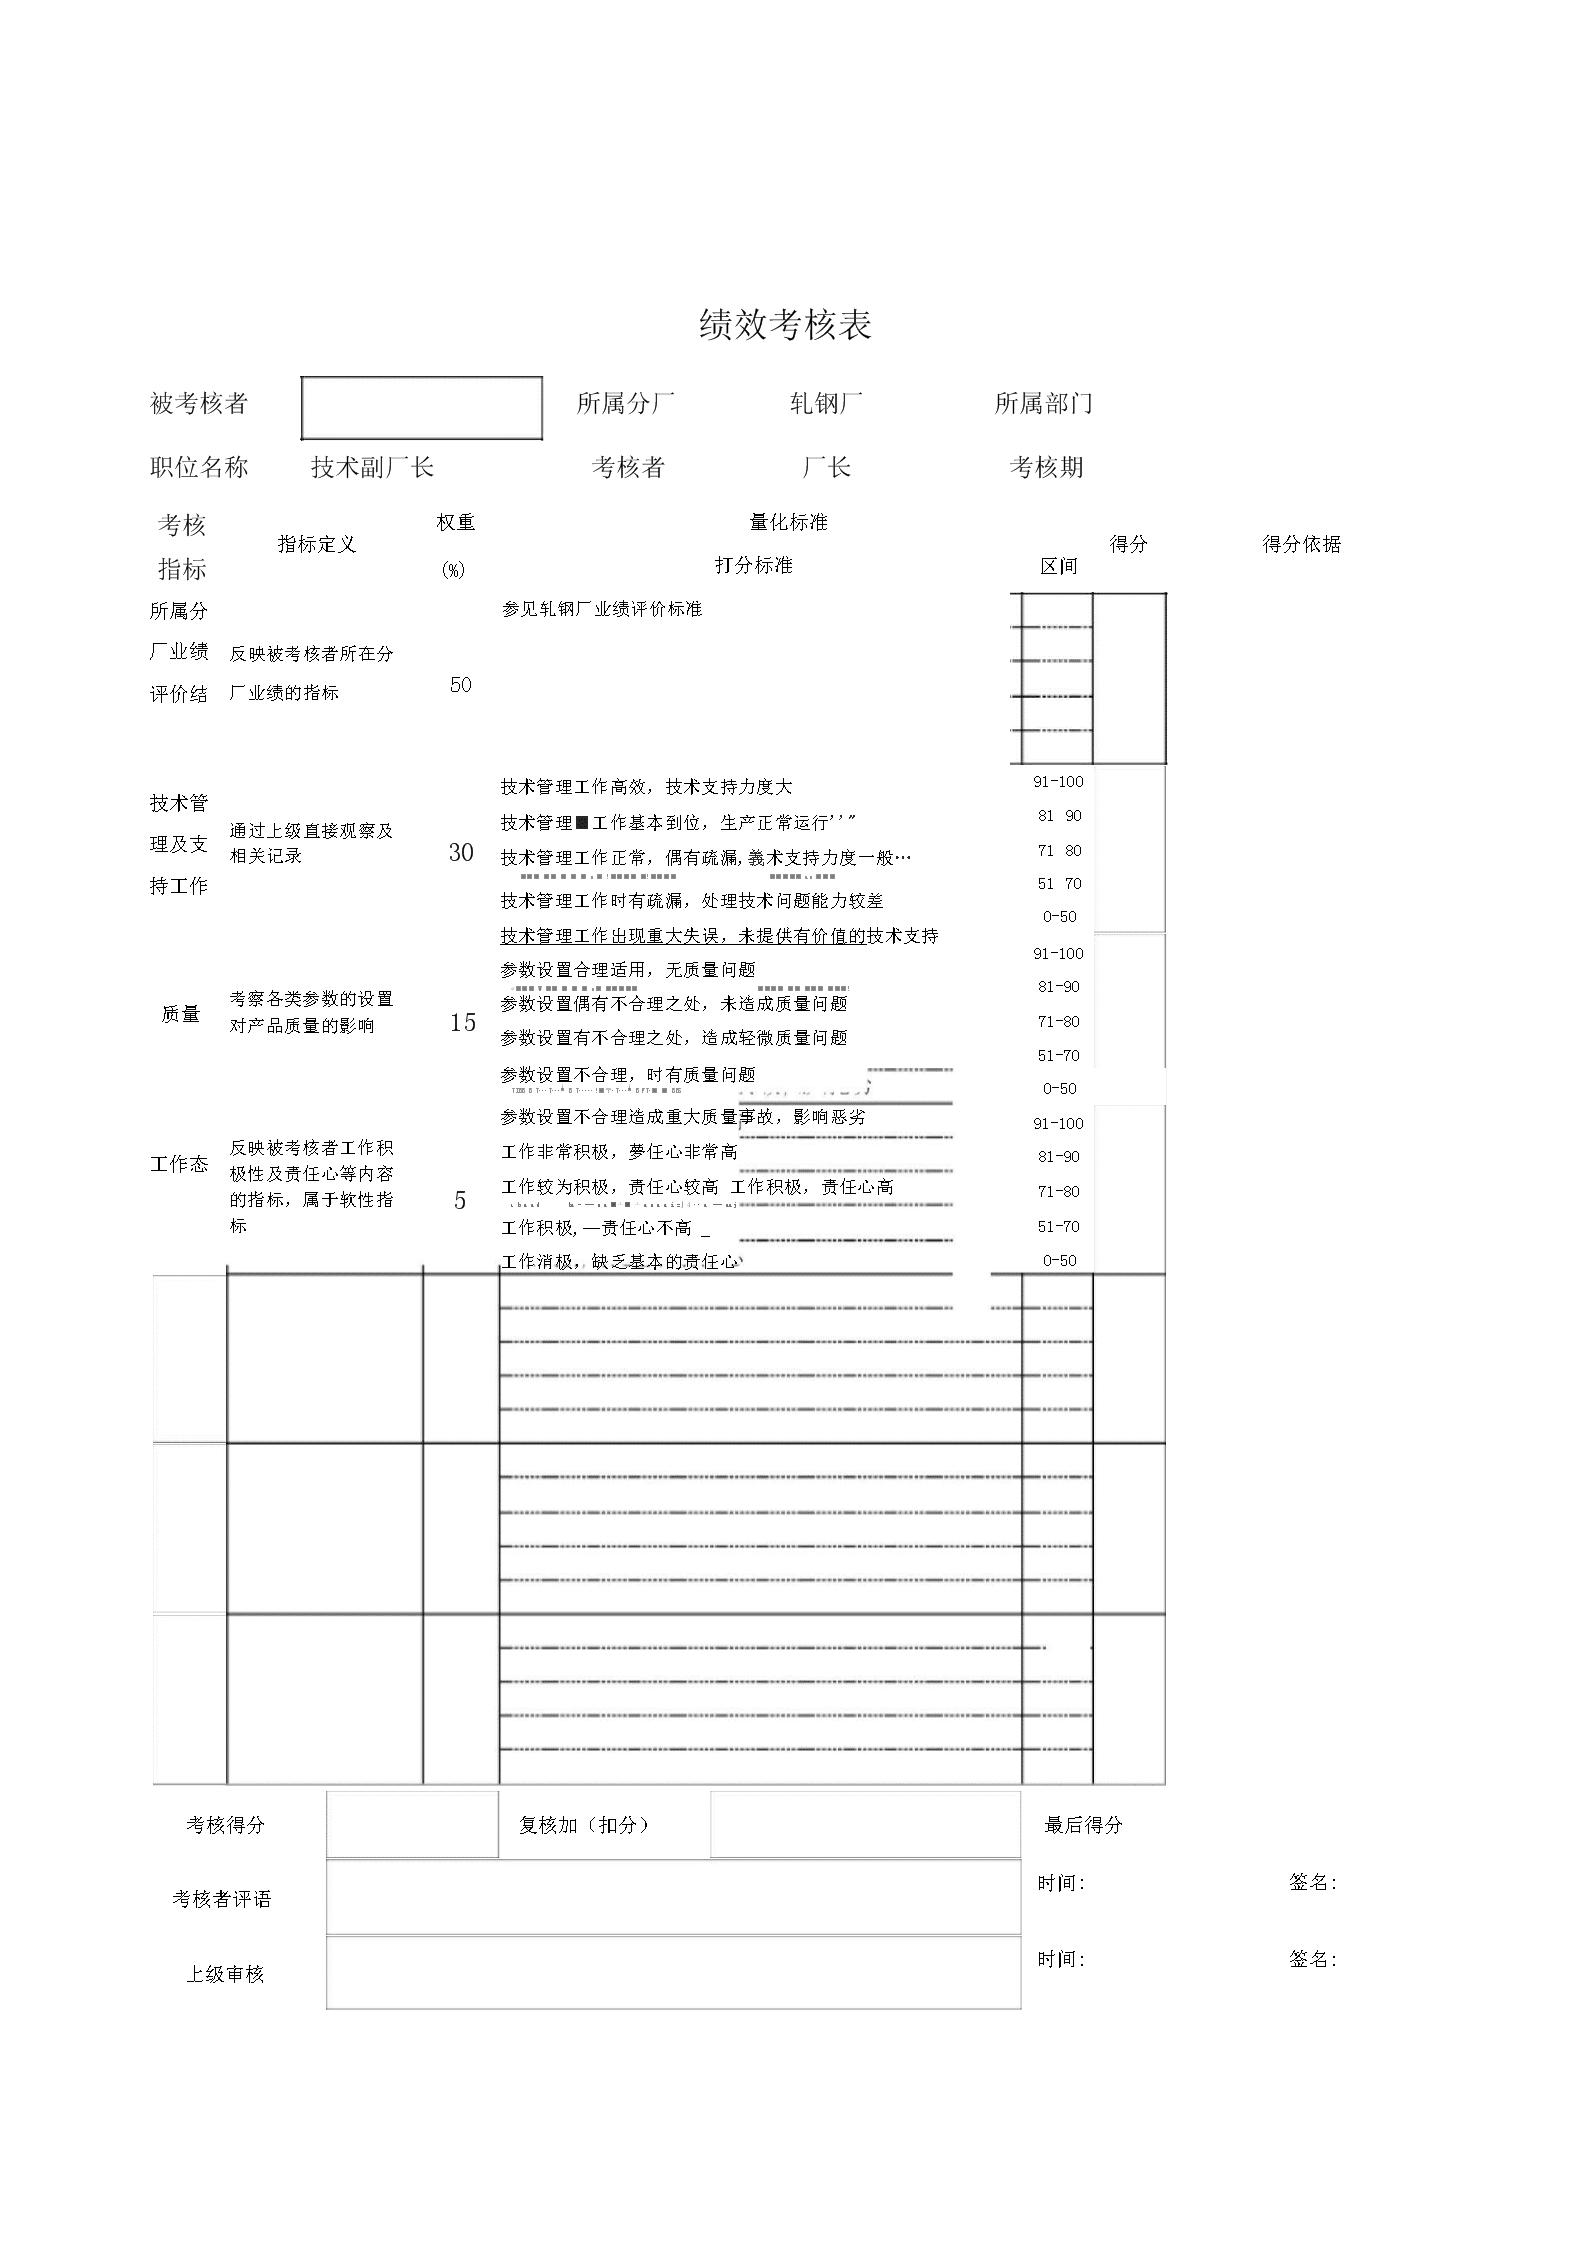 德龙钢铁-技术副厂长绩效考核表.docx